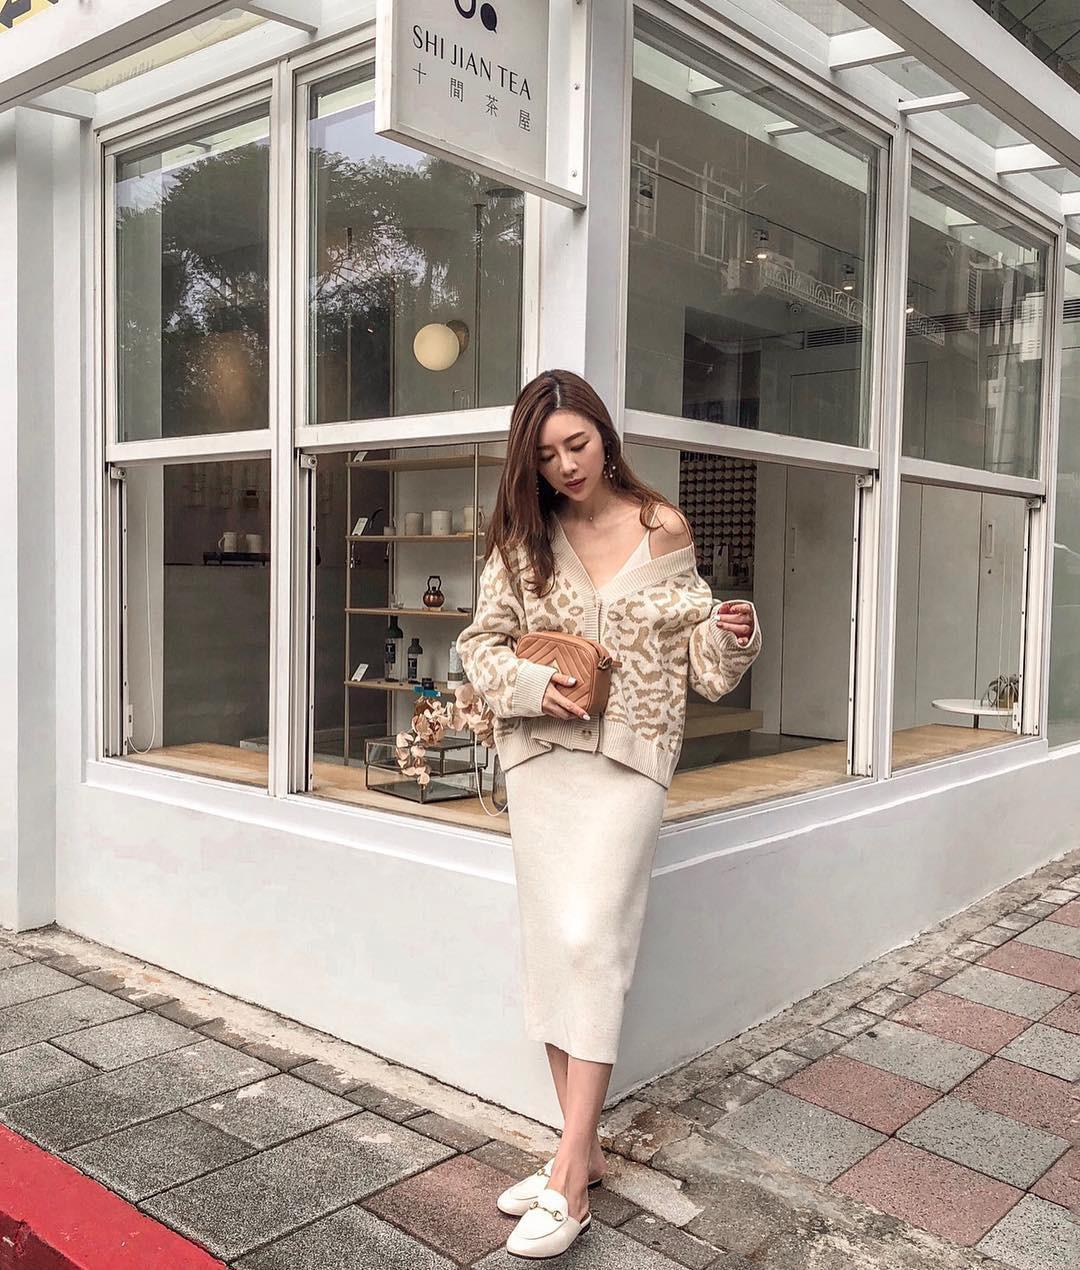 Áo khoác cardigan rất xinh và trendy nhưng để diện không bị luộm thuộm, dìm dáng thì các nàng cần nhớ 3 tips sau - 12